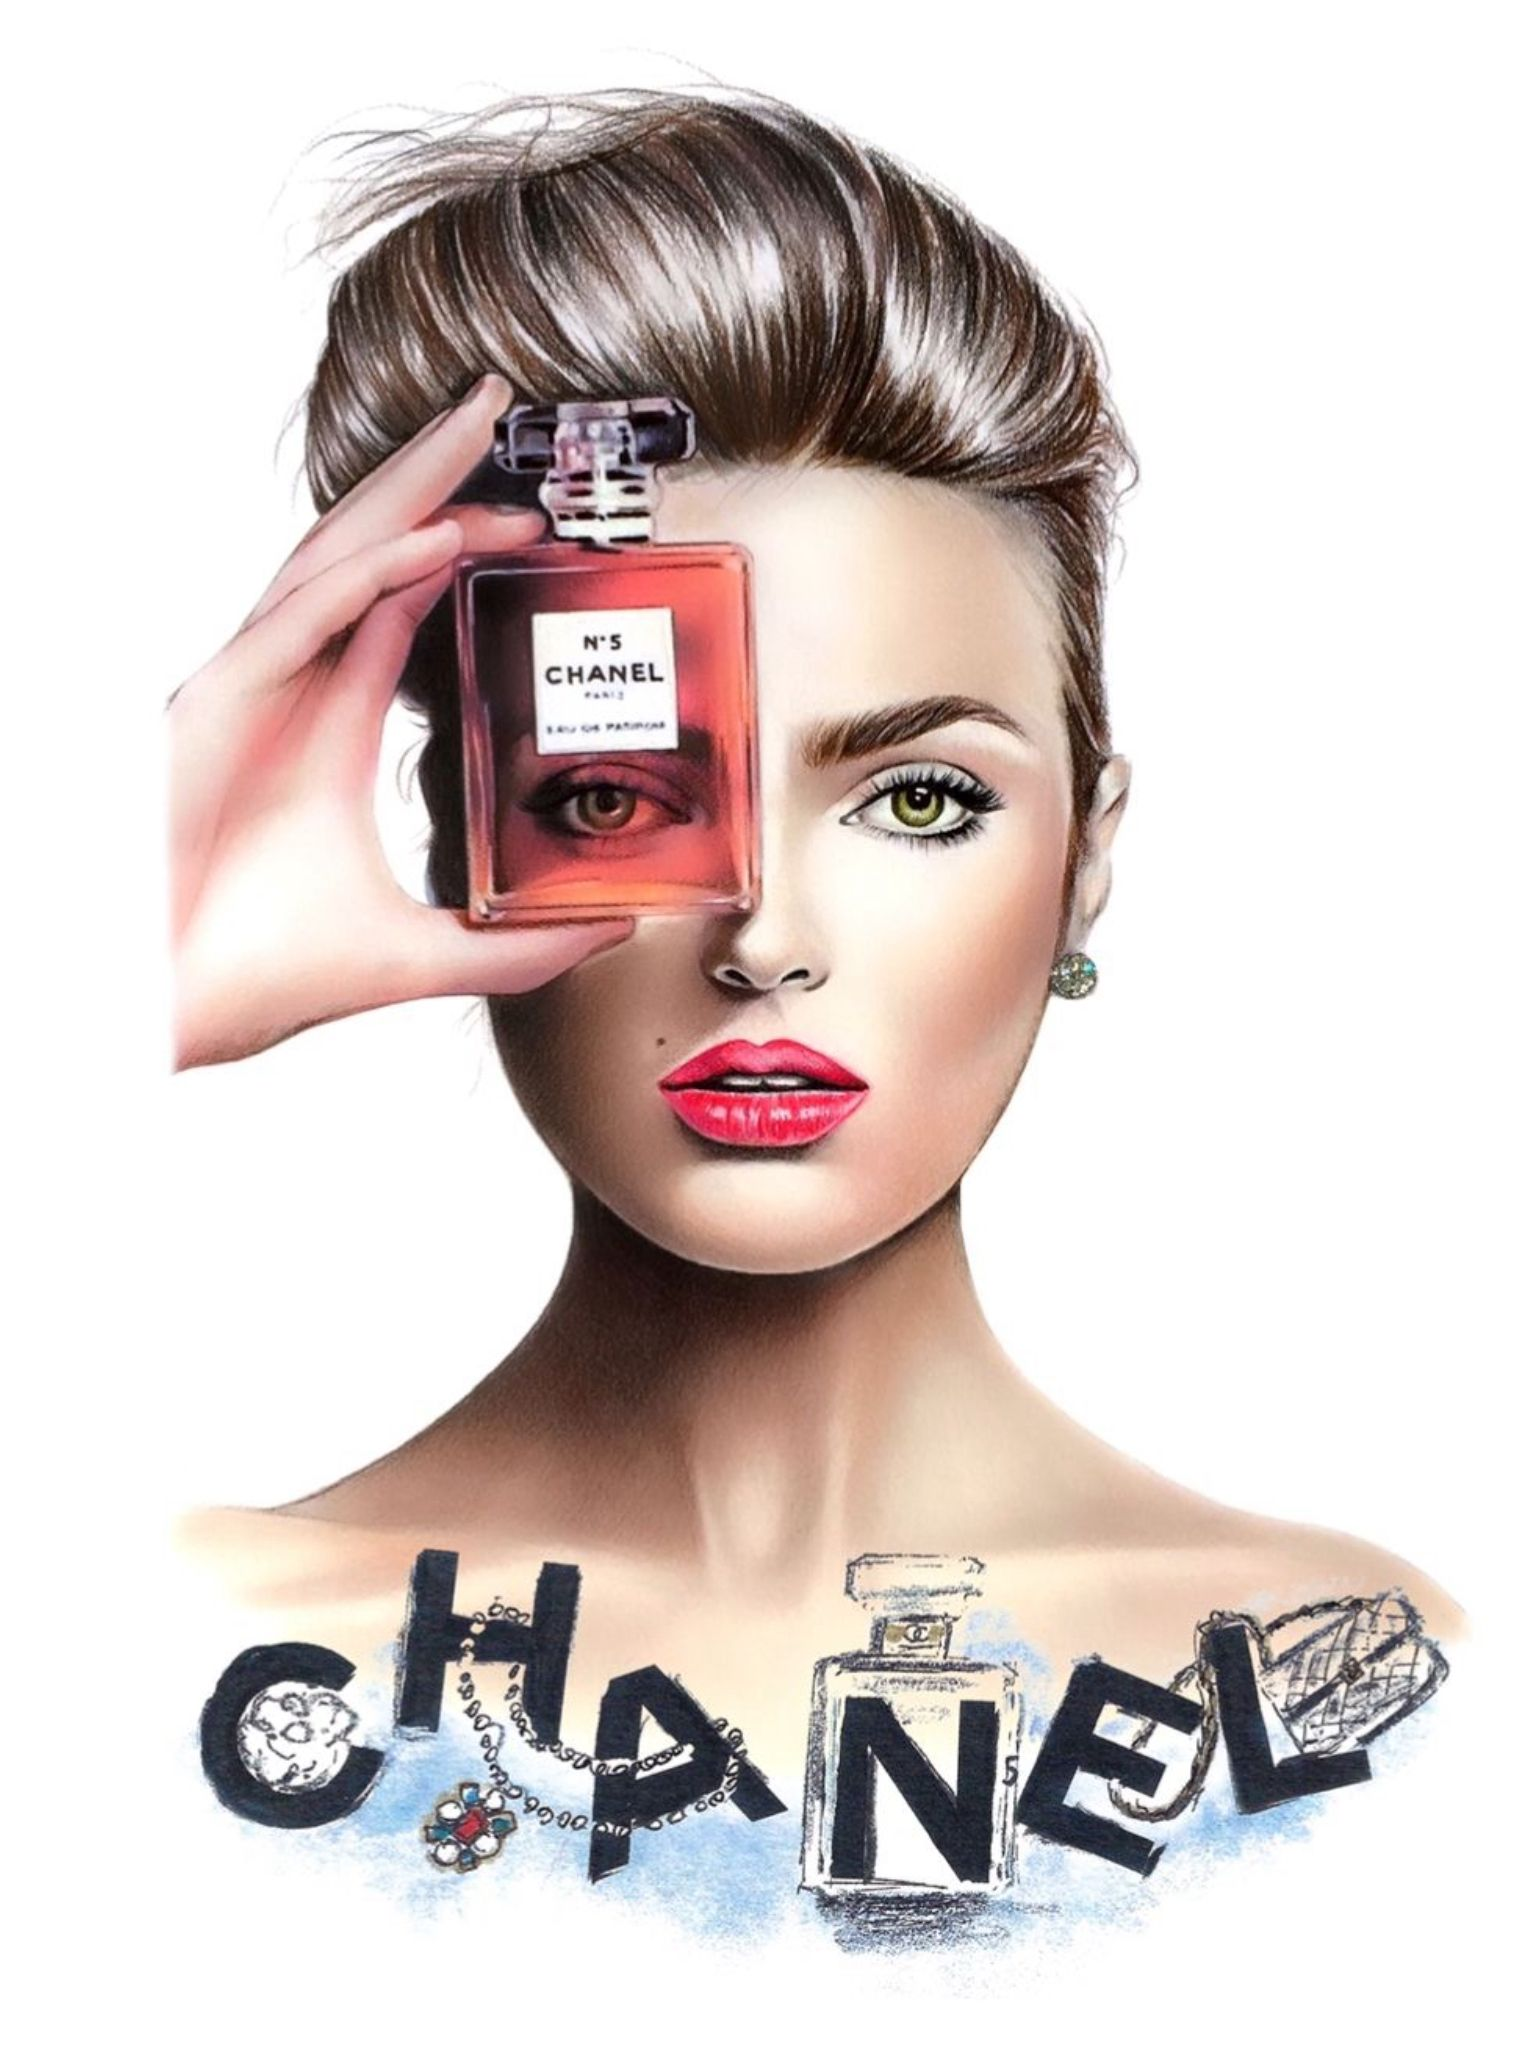 Epingle Par Lorena Nkotb Sur Imagenes Copadas En 2020 Avec Images Dessin De Mode Mode Chanel Dessin De Fille